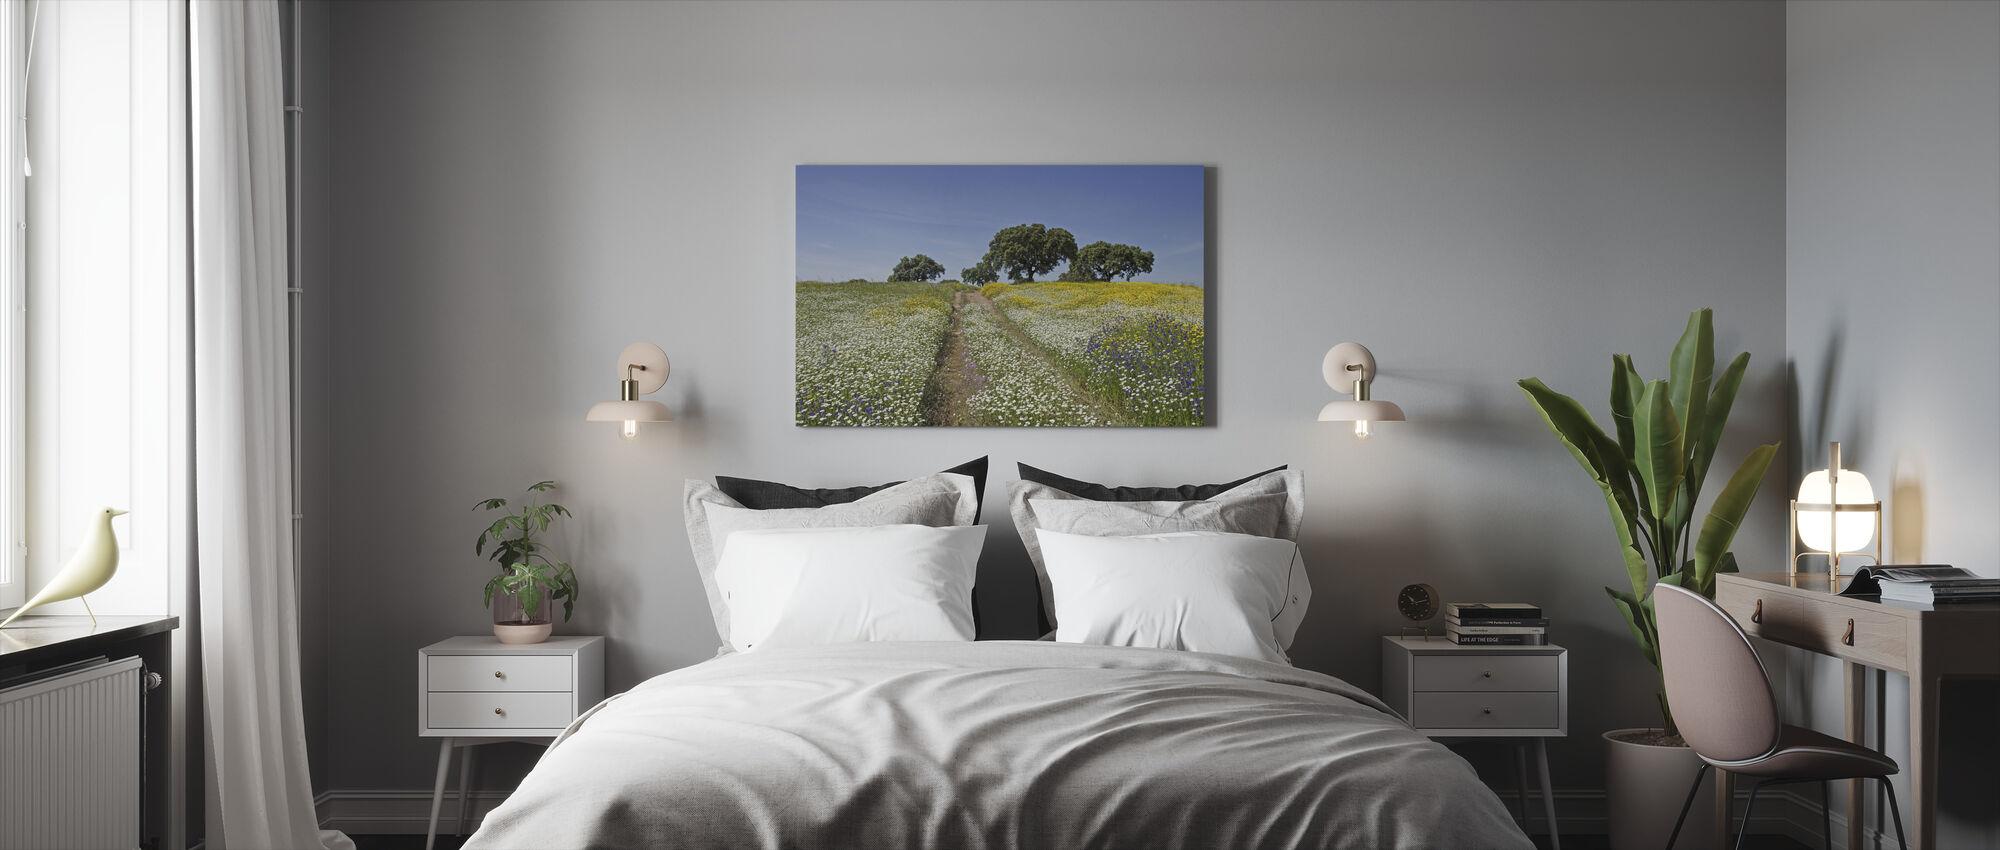 Cork Oaks and Flowering Meadow - Canvas print - Bedroom